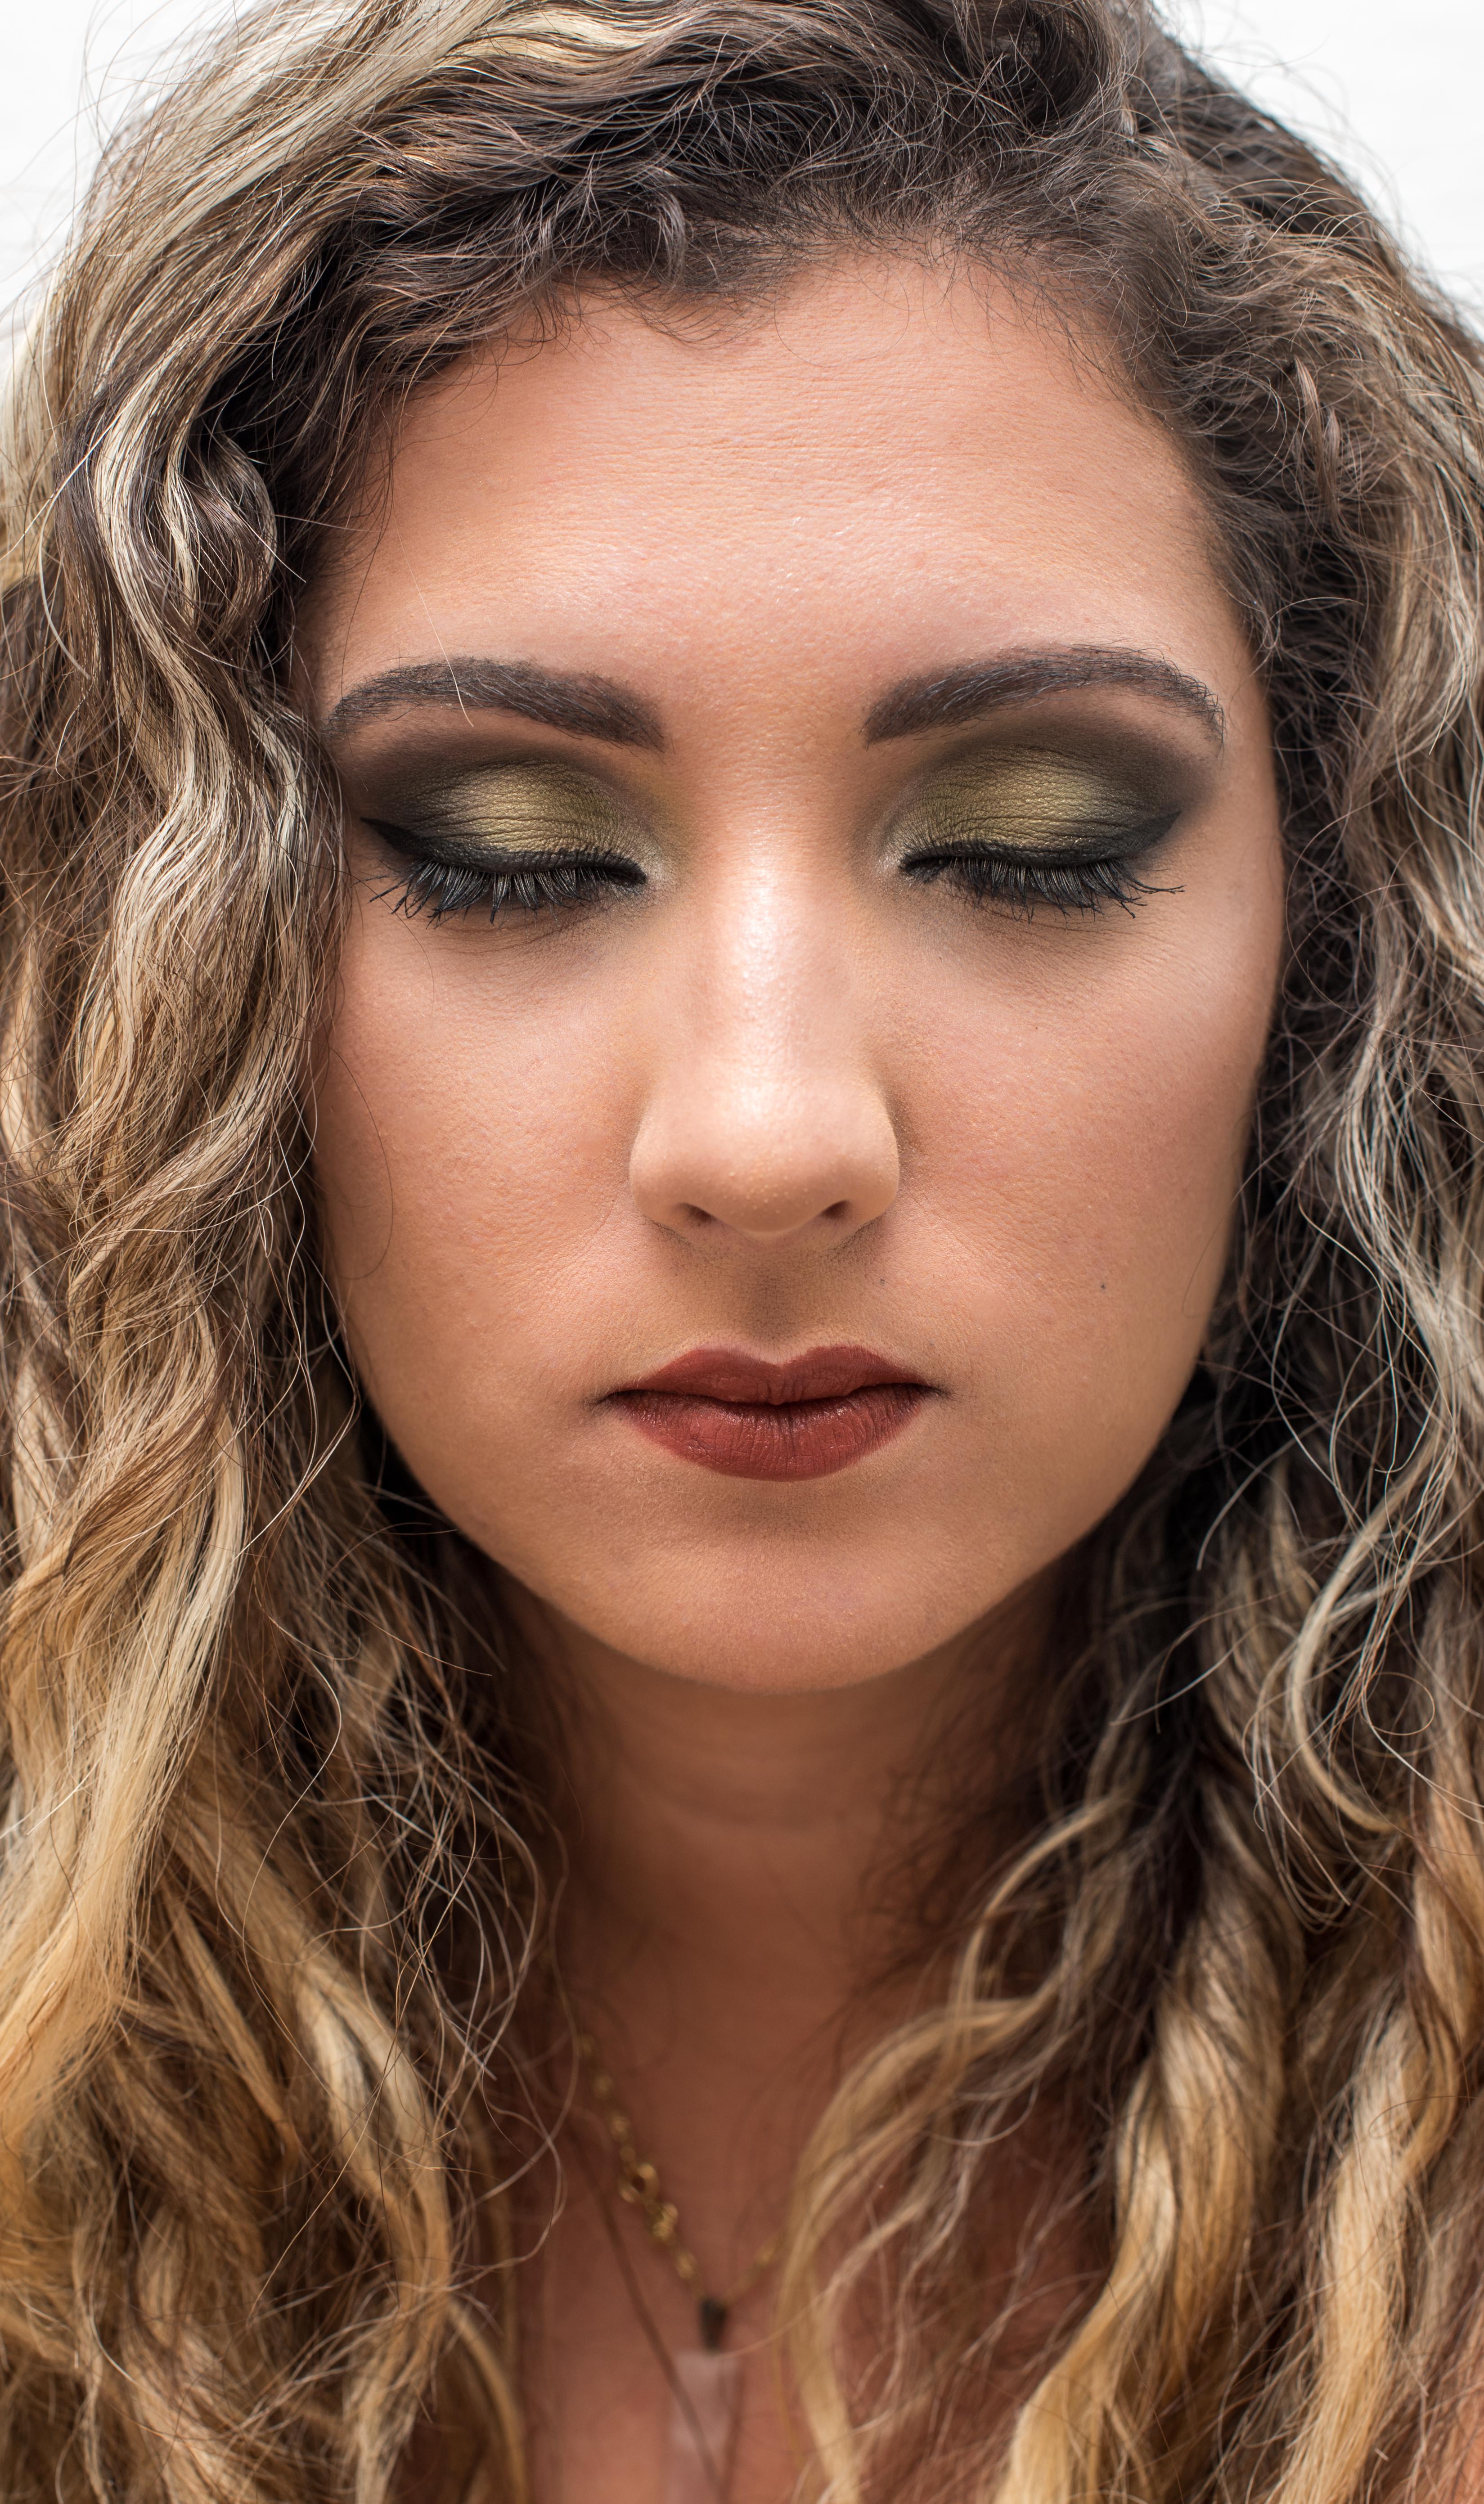 #maquiagem maquiagem assistente maquiador(a)